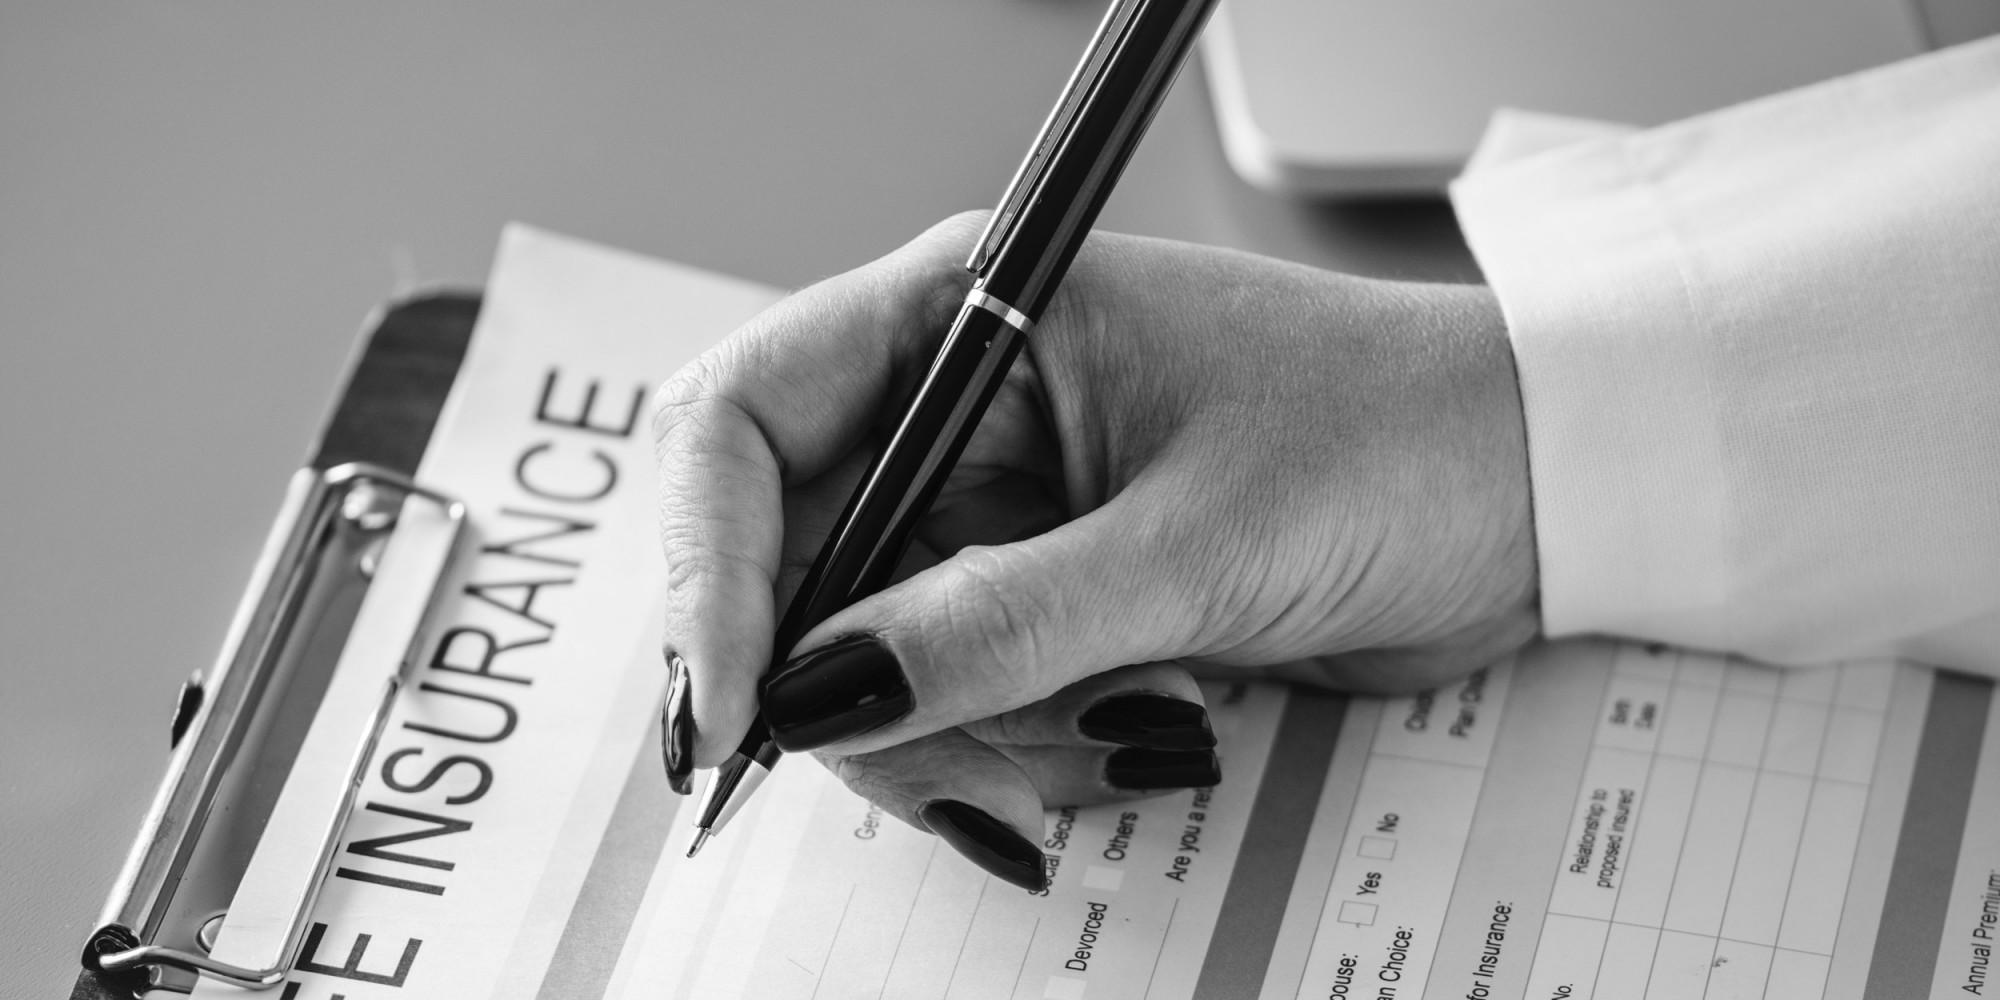 ASSURANCE-VIE – Est-il toujours possible de faire une co-souscription / co-adhésion d'un contrat d'assurance-vie ? Quel est l'intérêt ?